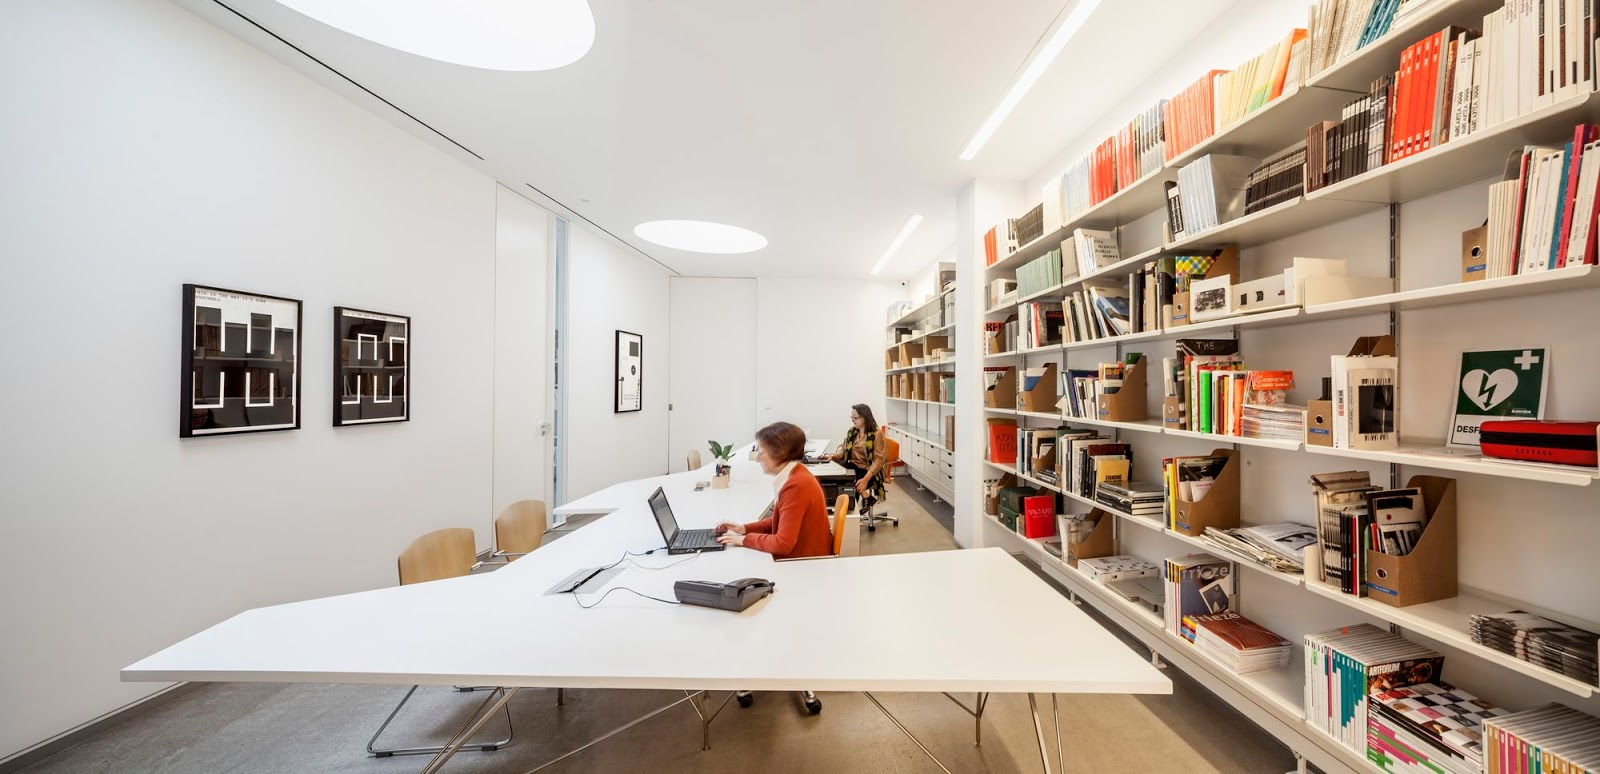 A f a s i a estudio herreros - Estudios de arquitectura en bilbao ...